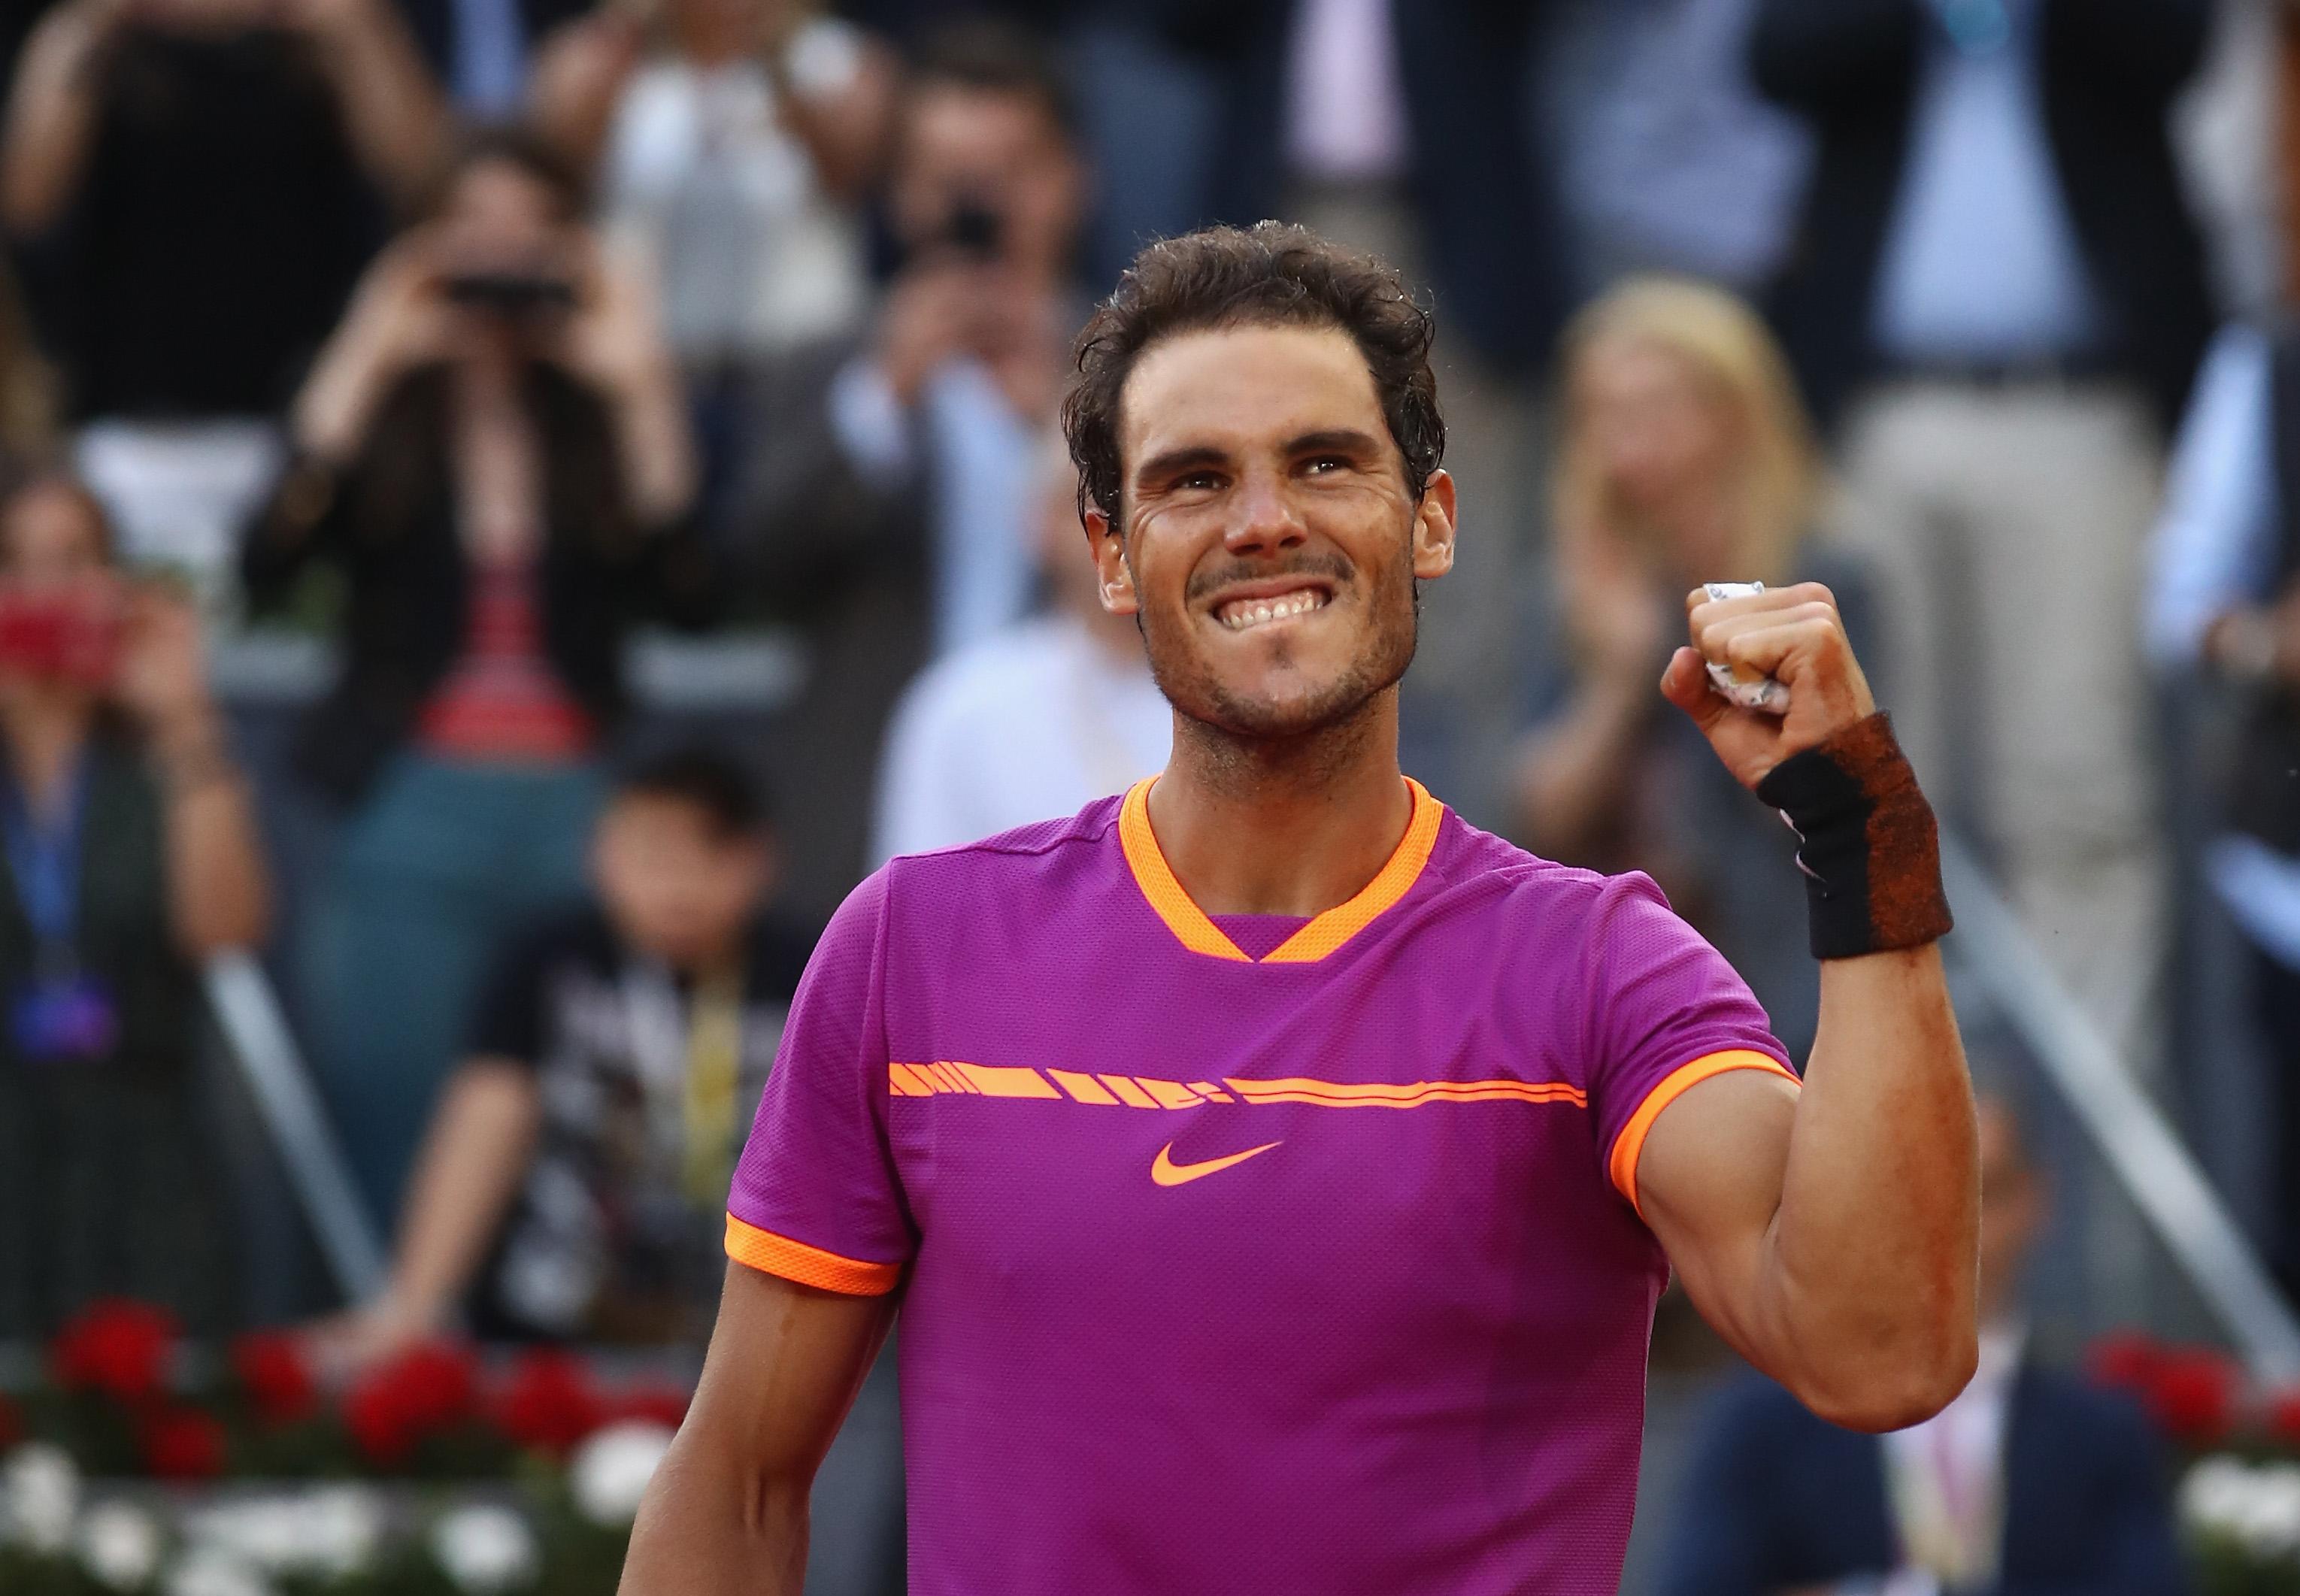 Keine Überraschung: Für Michael Kohlmann ist Rafael Nadal der absolute Top-Favavorit auf den French Open-Titelgewinn.